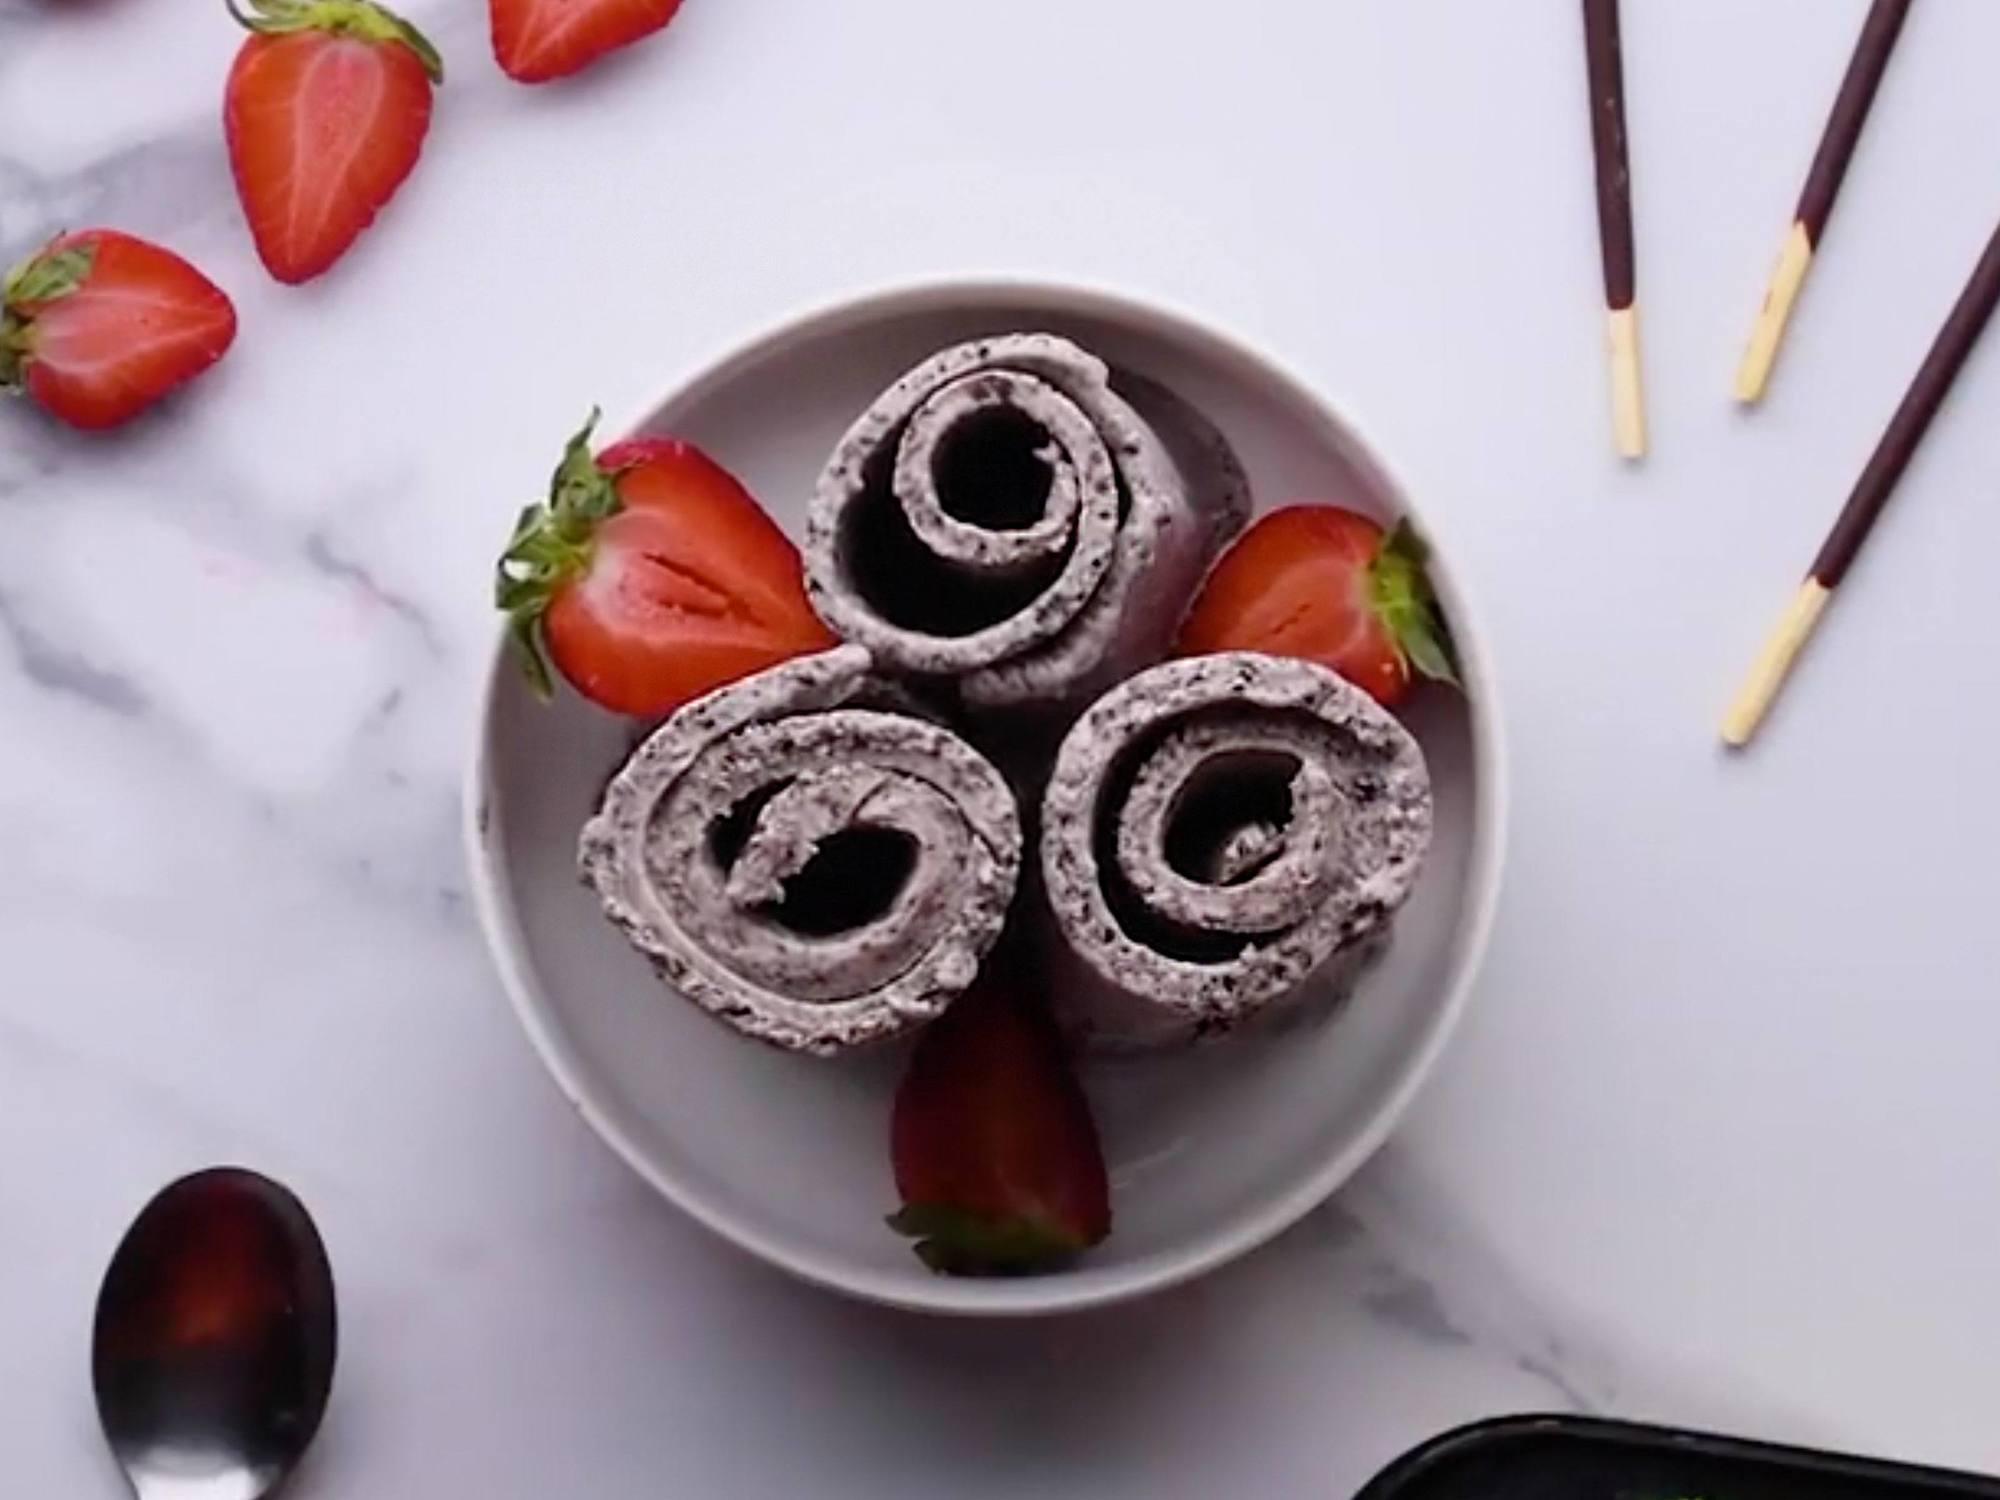 Rolled Ice Cream Dessert Recipe